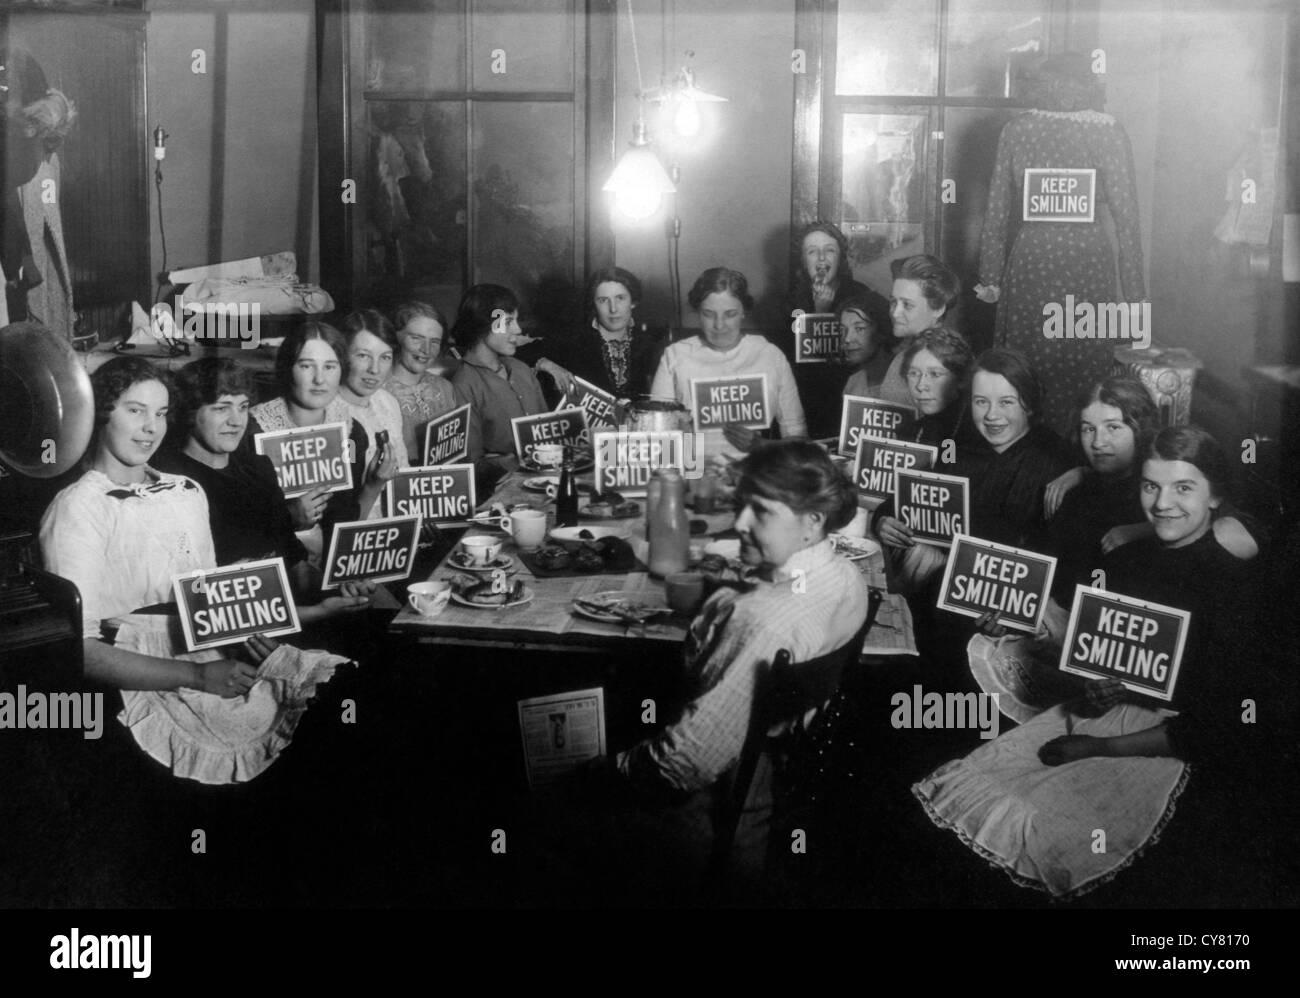 Costureras en el almuerzo, sosteniendo Keep Smiling Signos, circa 1914 Foto de stock